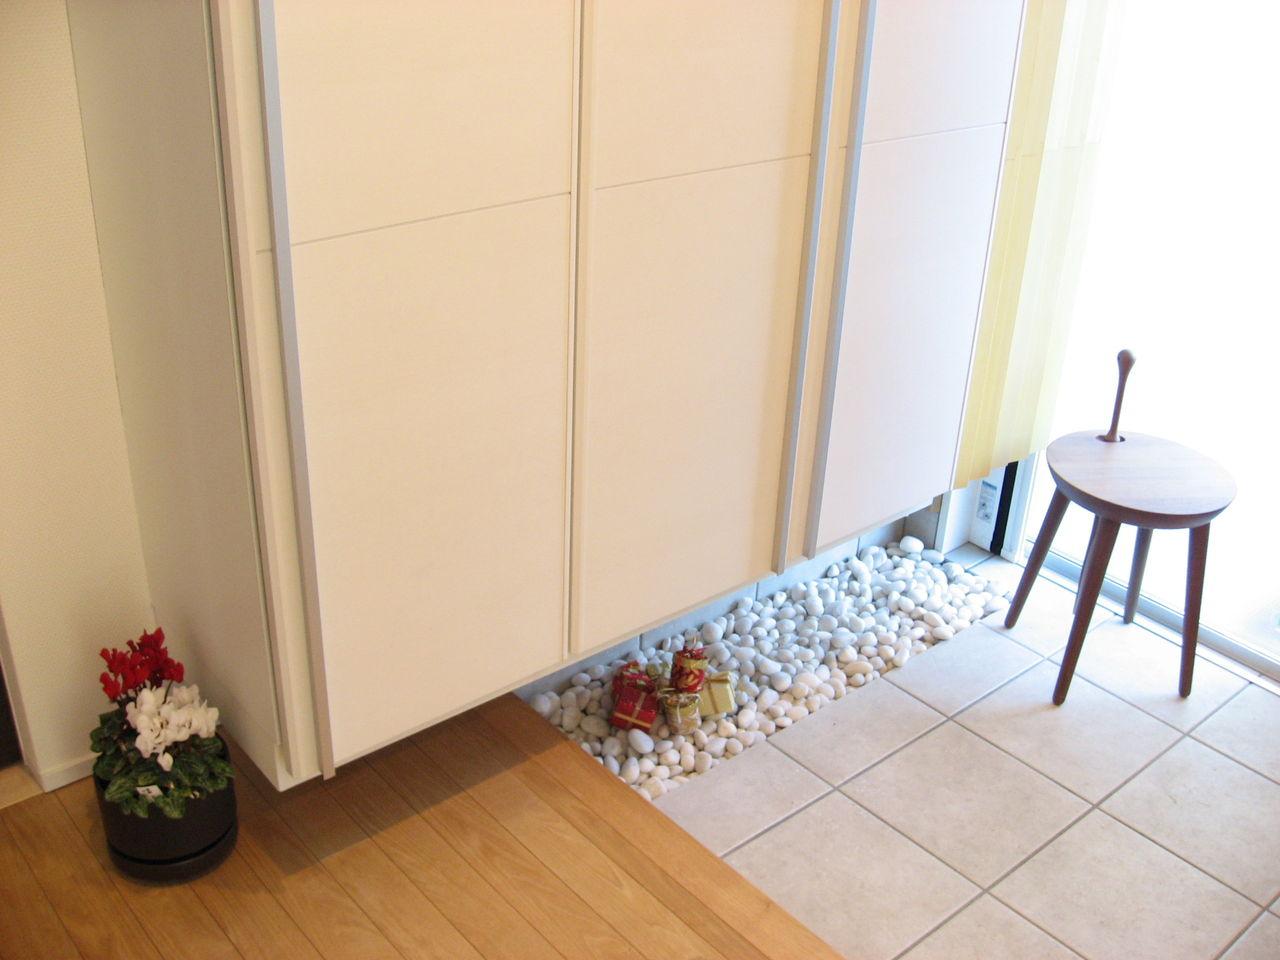 玄関に紅白ミニシクラメンを ...